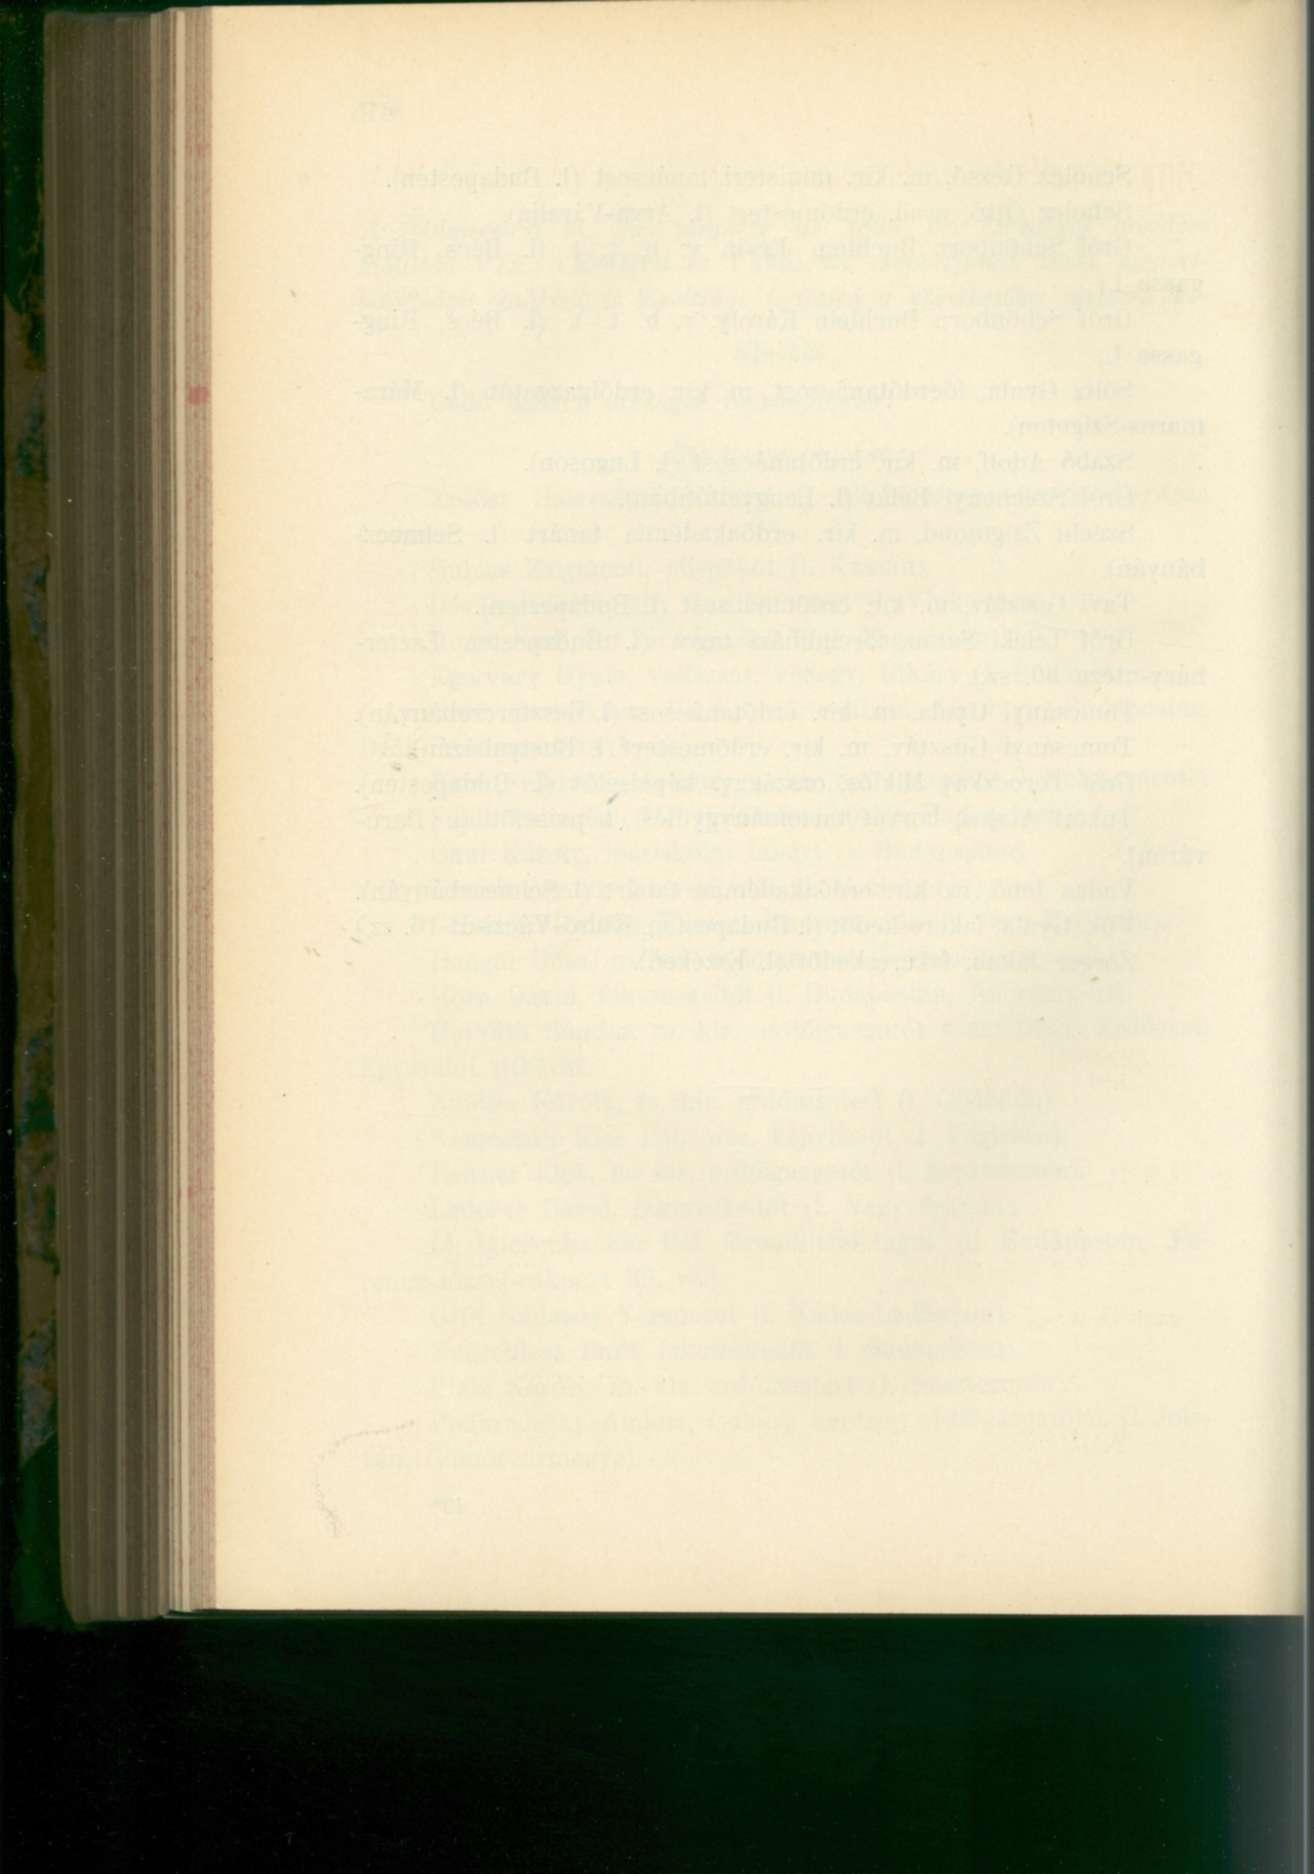 brony társkereső oldal uk